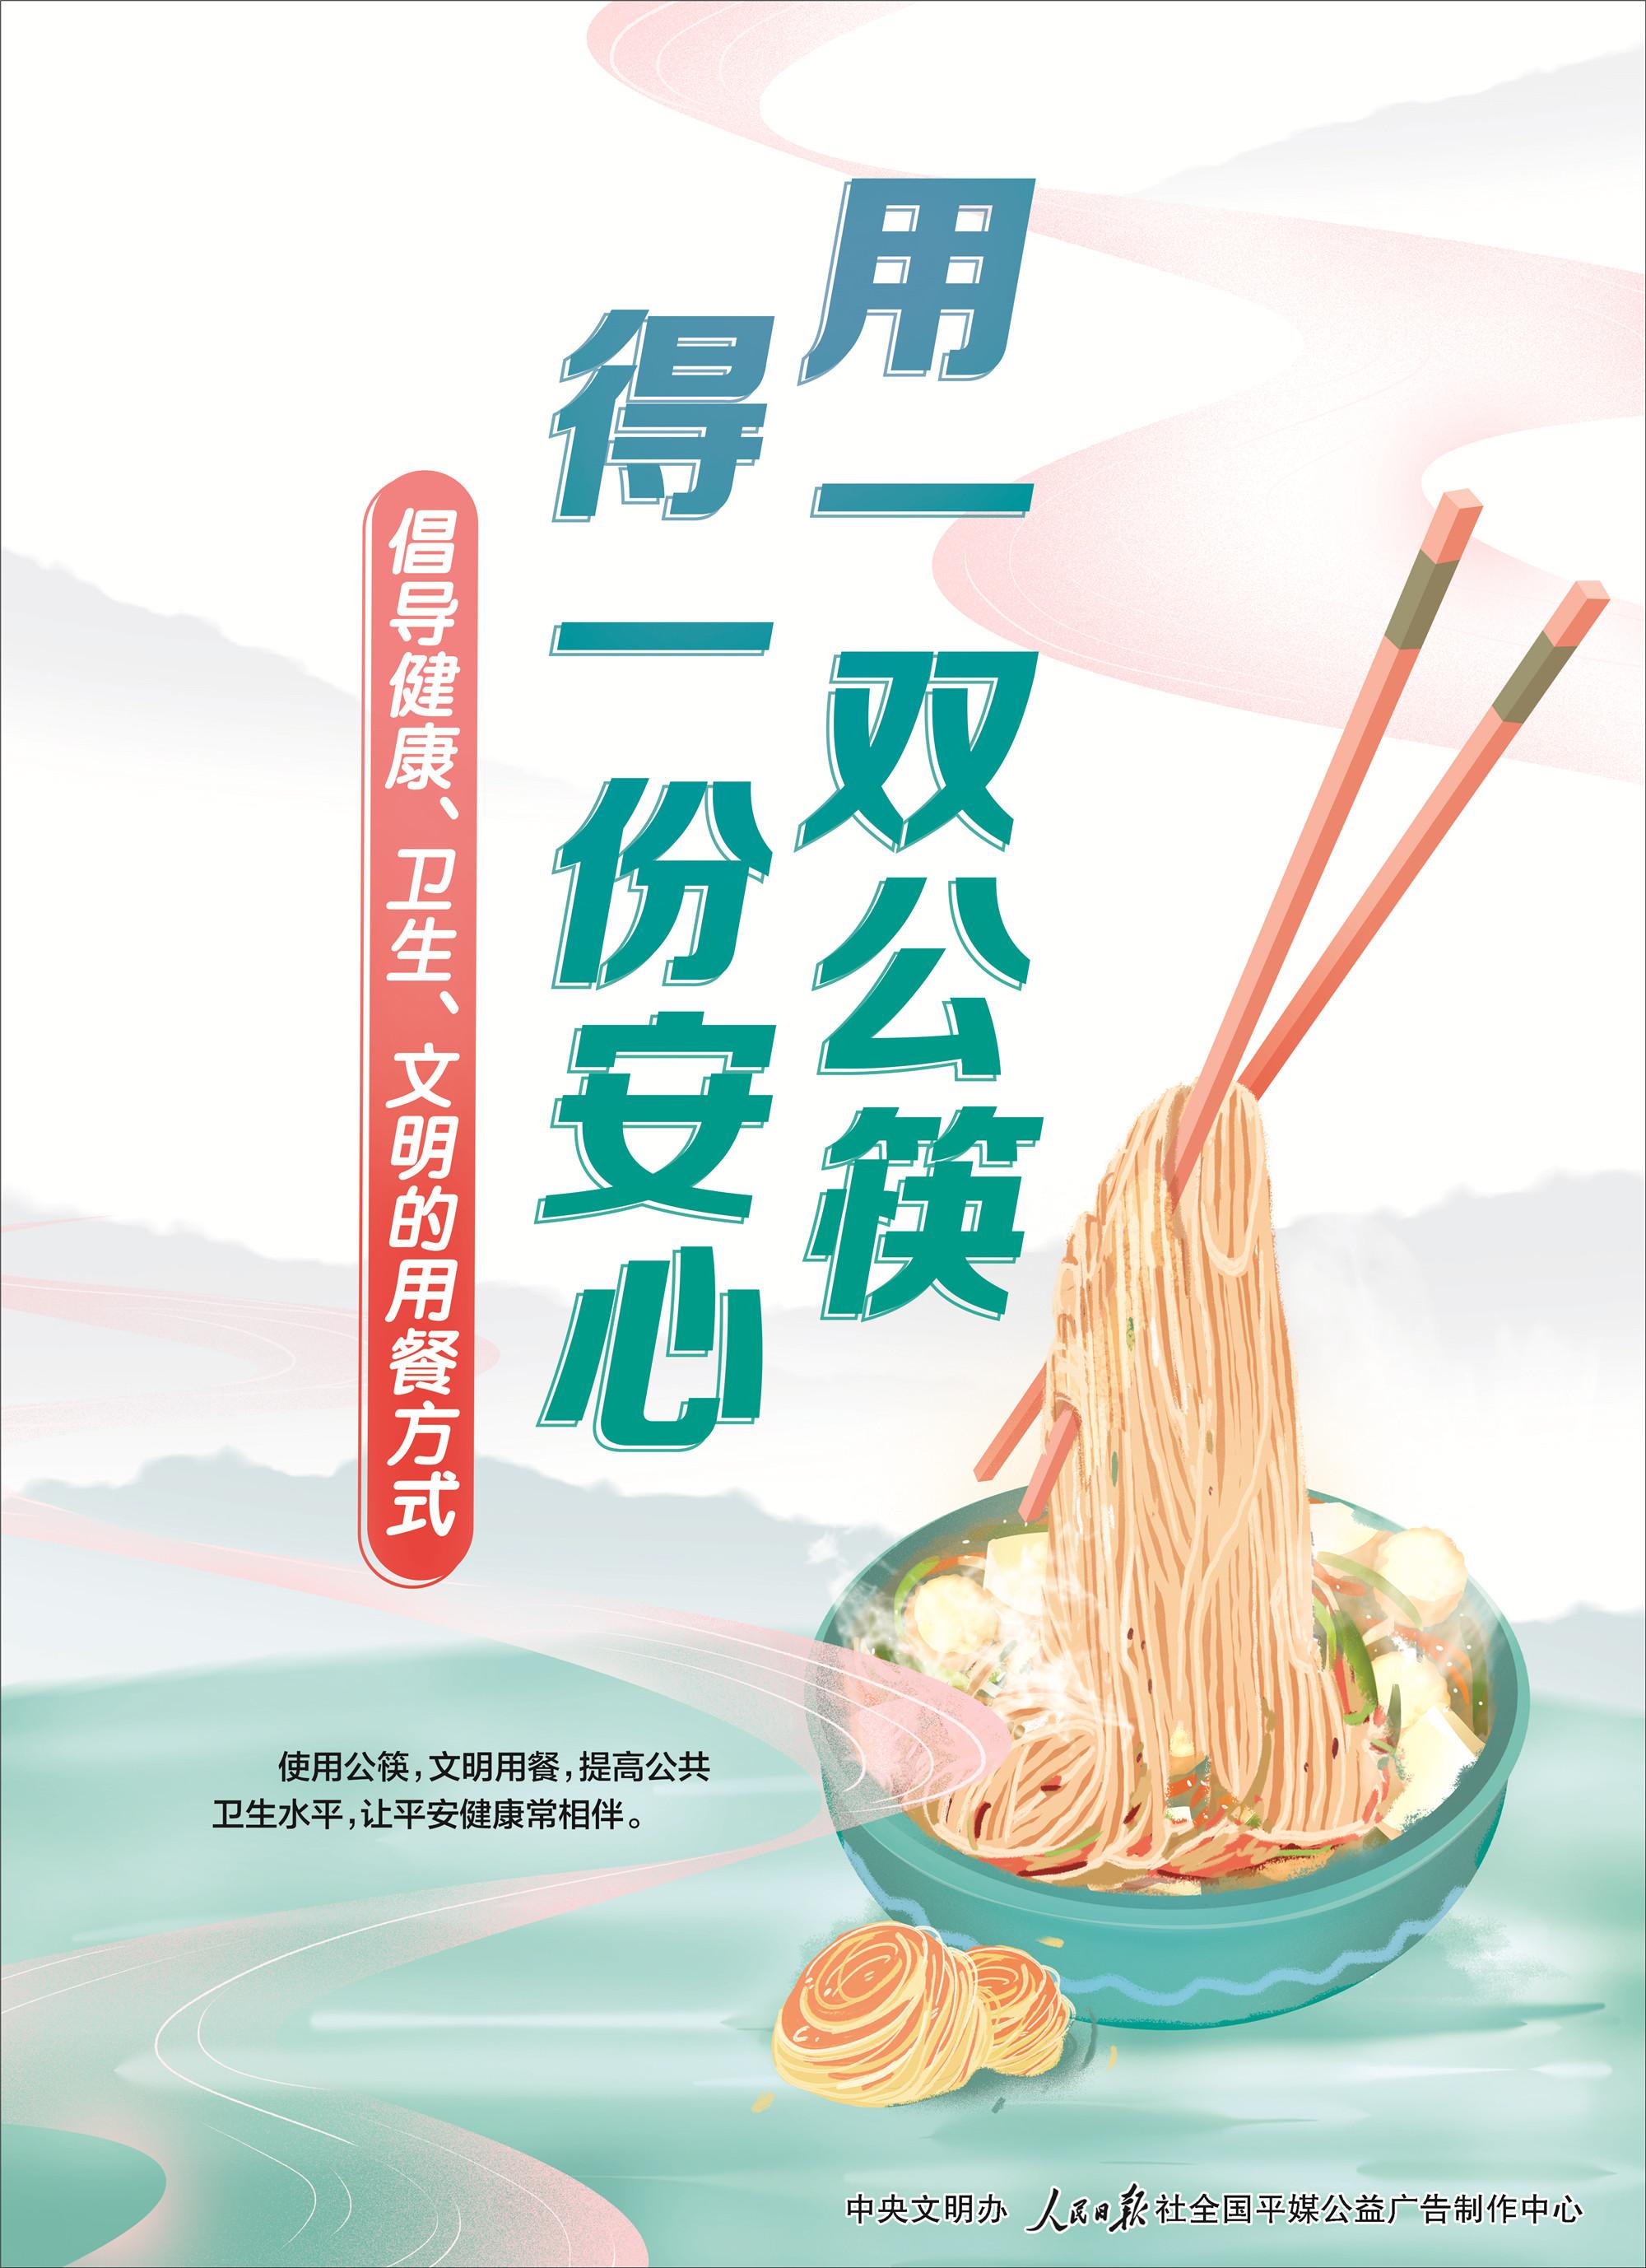 公筷wj.jpg